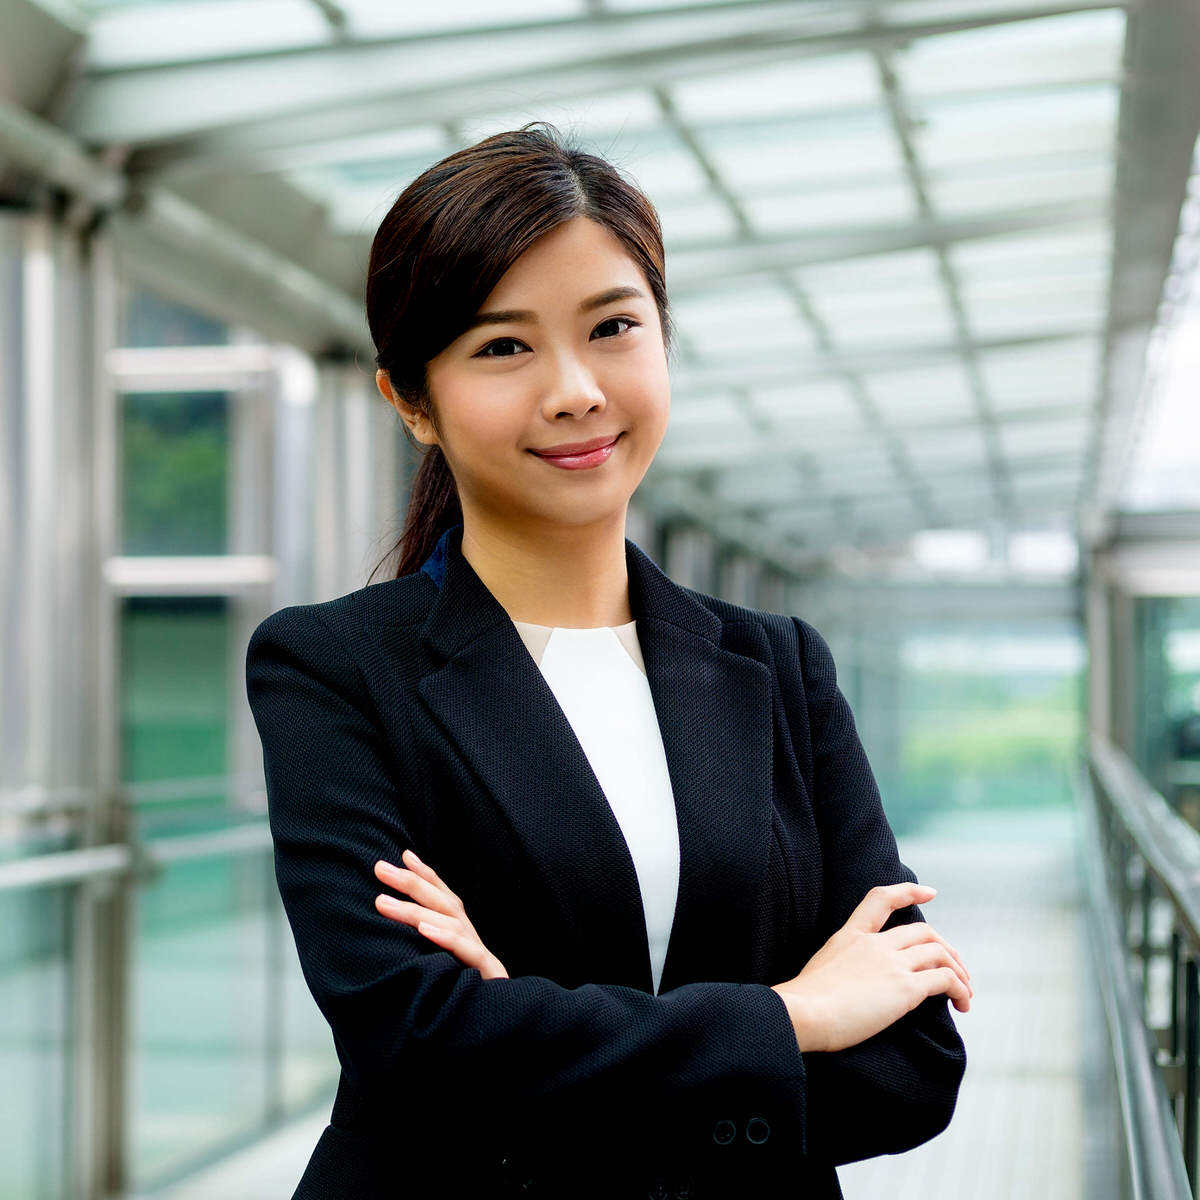 La expedición del visado en su lugar de residencia es el siguiente paso tras la obtención de la autorización para contratar al trabajador altamente cualificado extranjero.